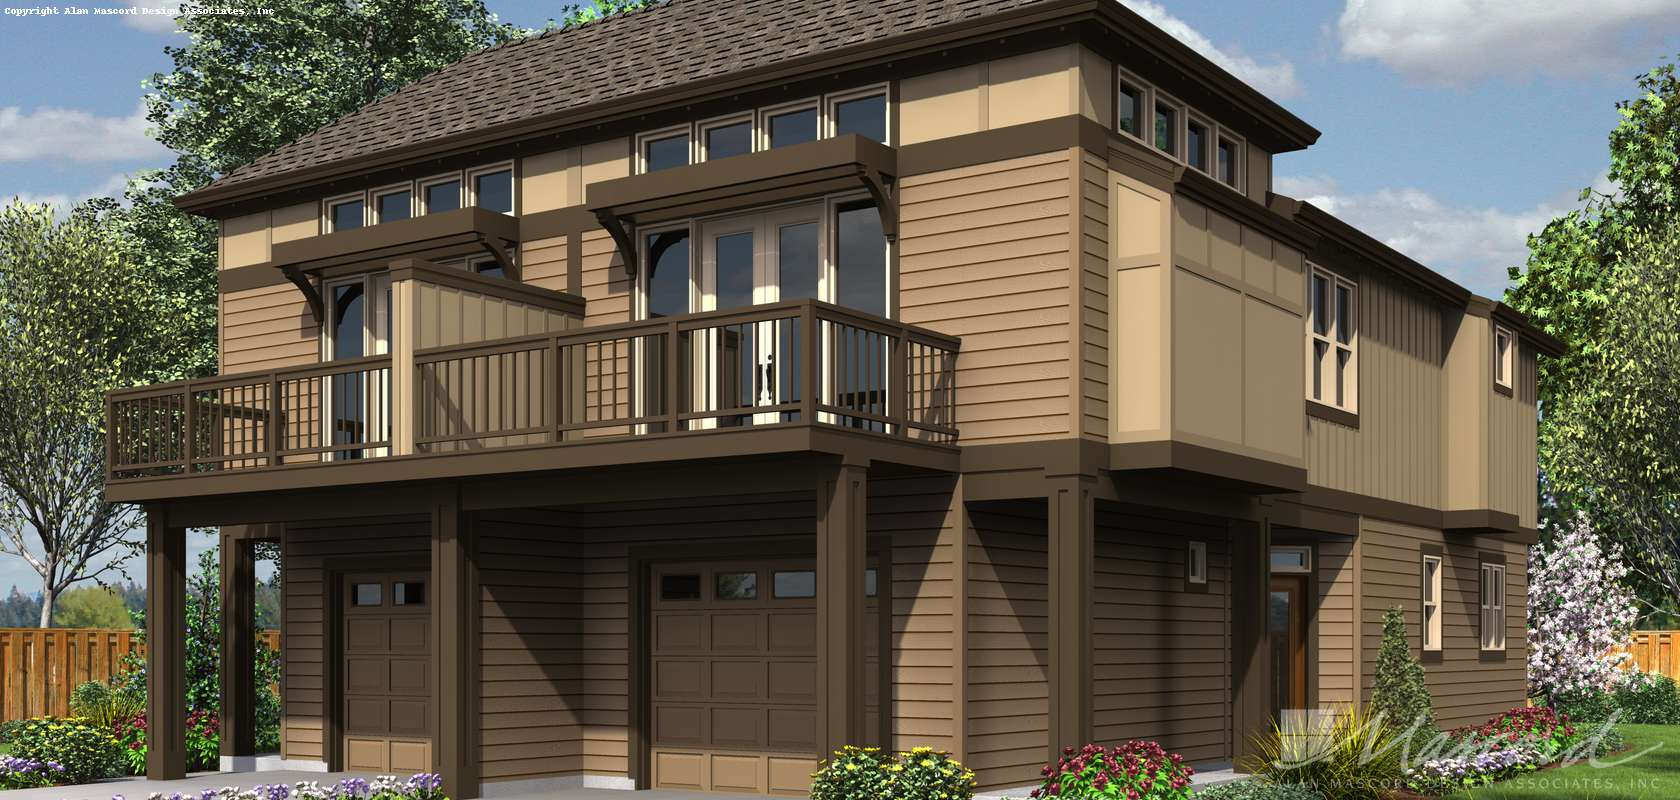 Mascord House Plan 4043: The Olsen